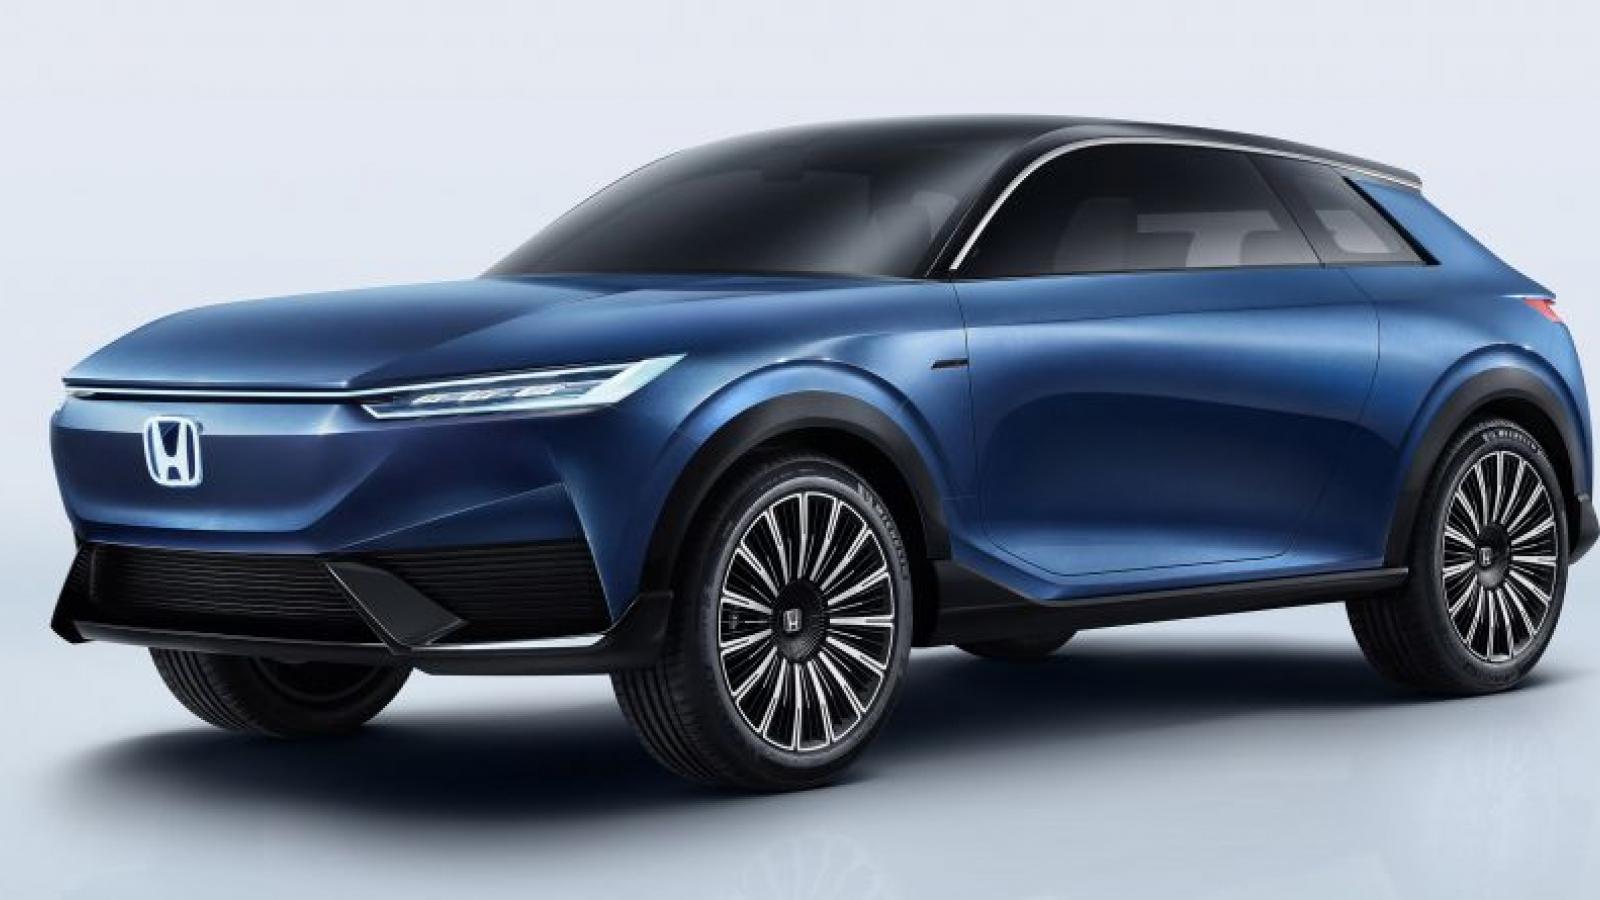 Honda sẽ ra mắt một mẫu xe điện và PHEV tại Triển lãm ô tô Thượng Hải 2021